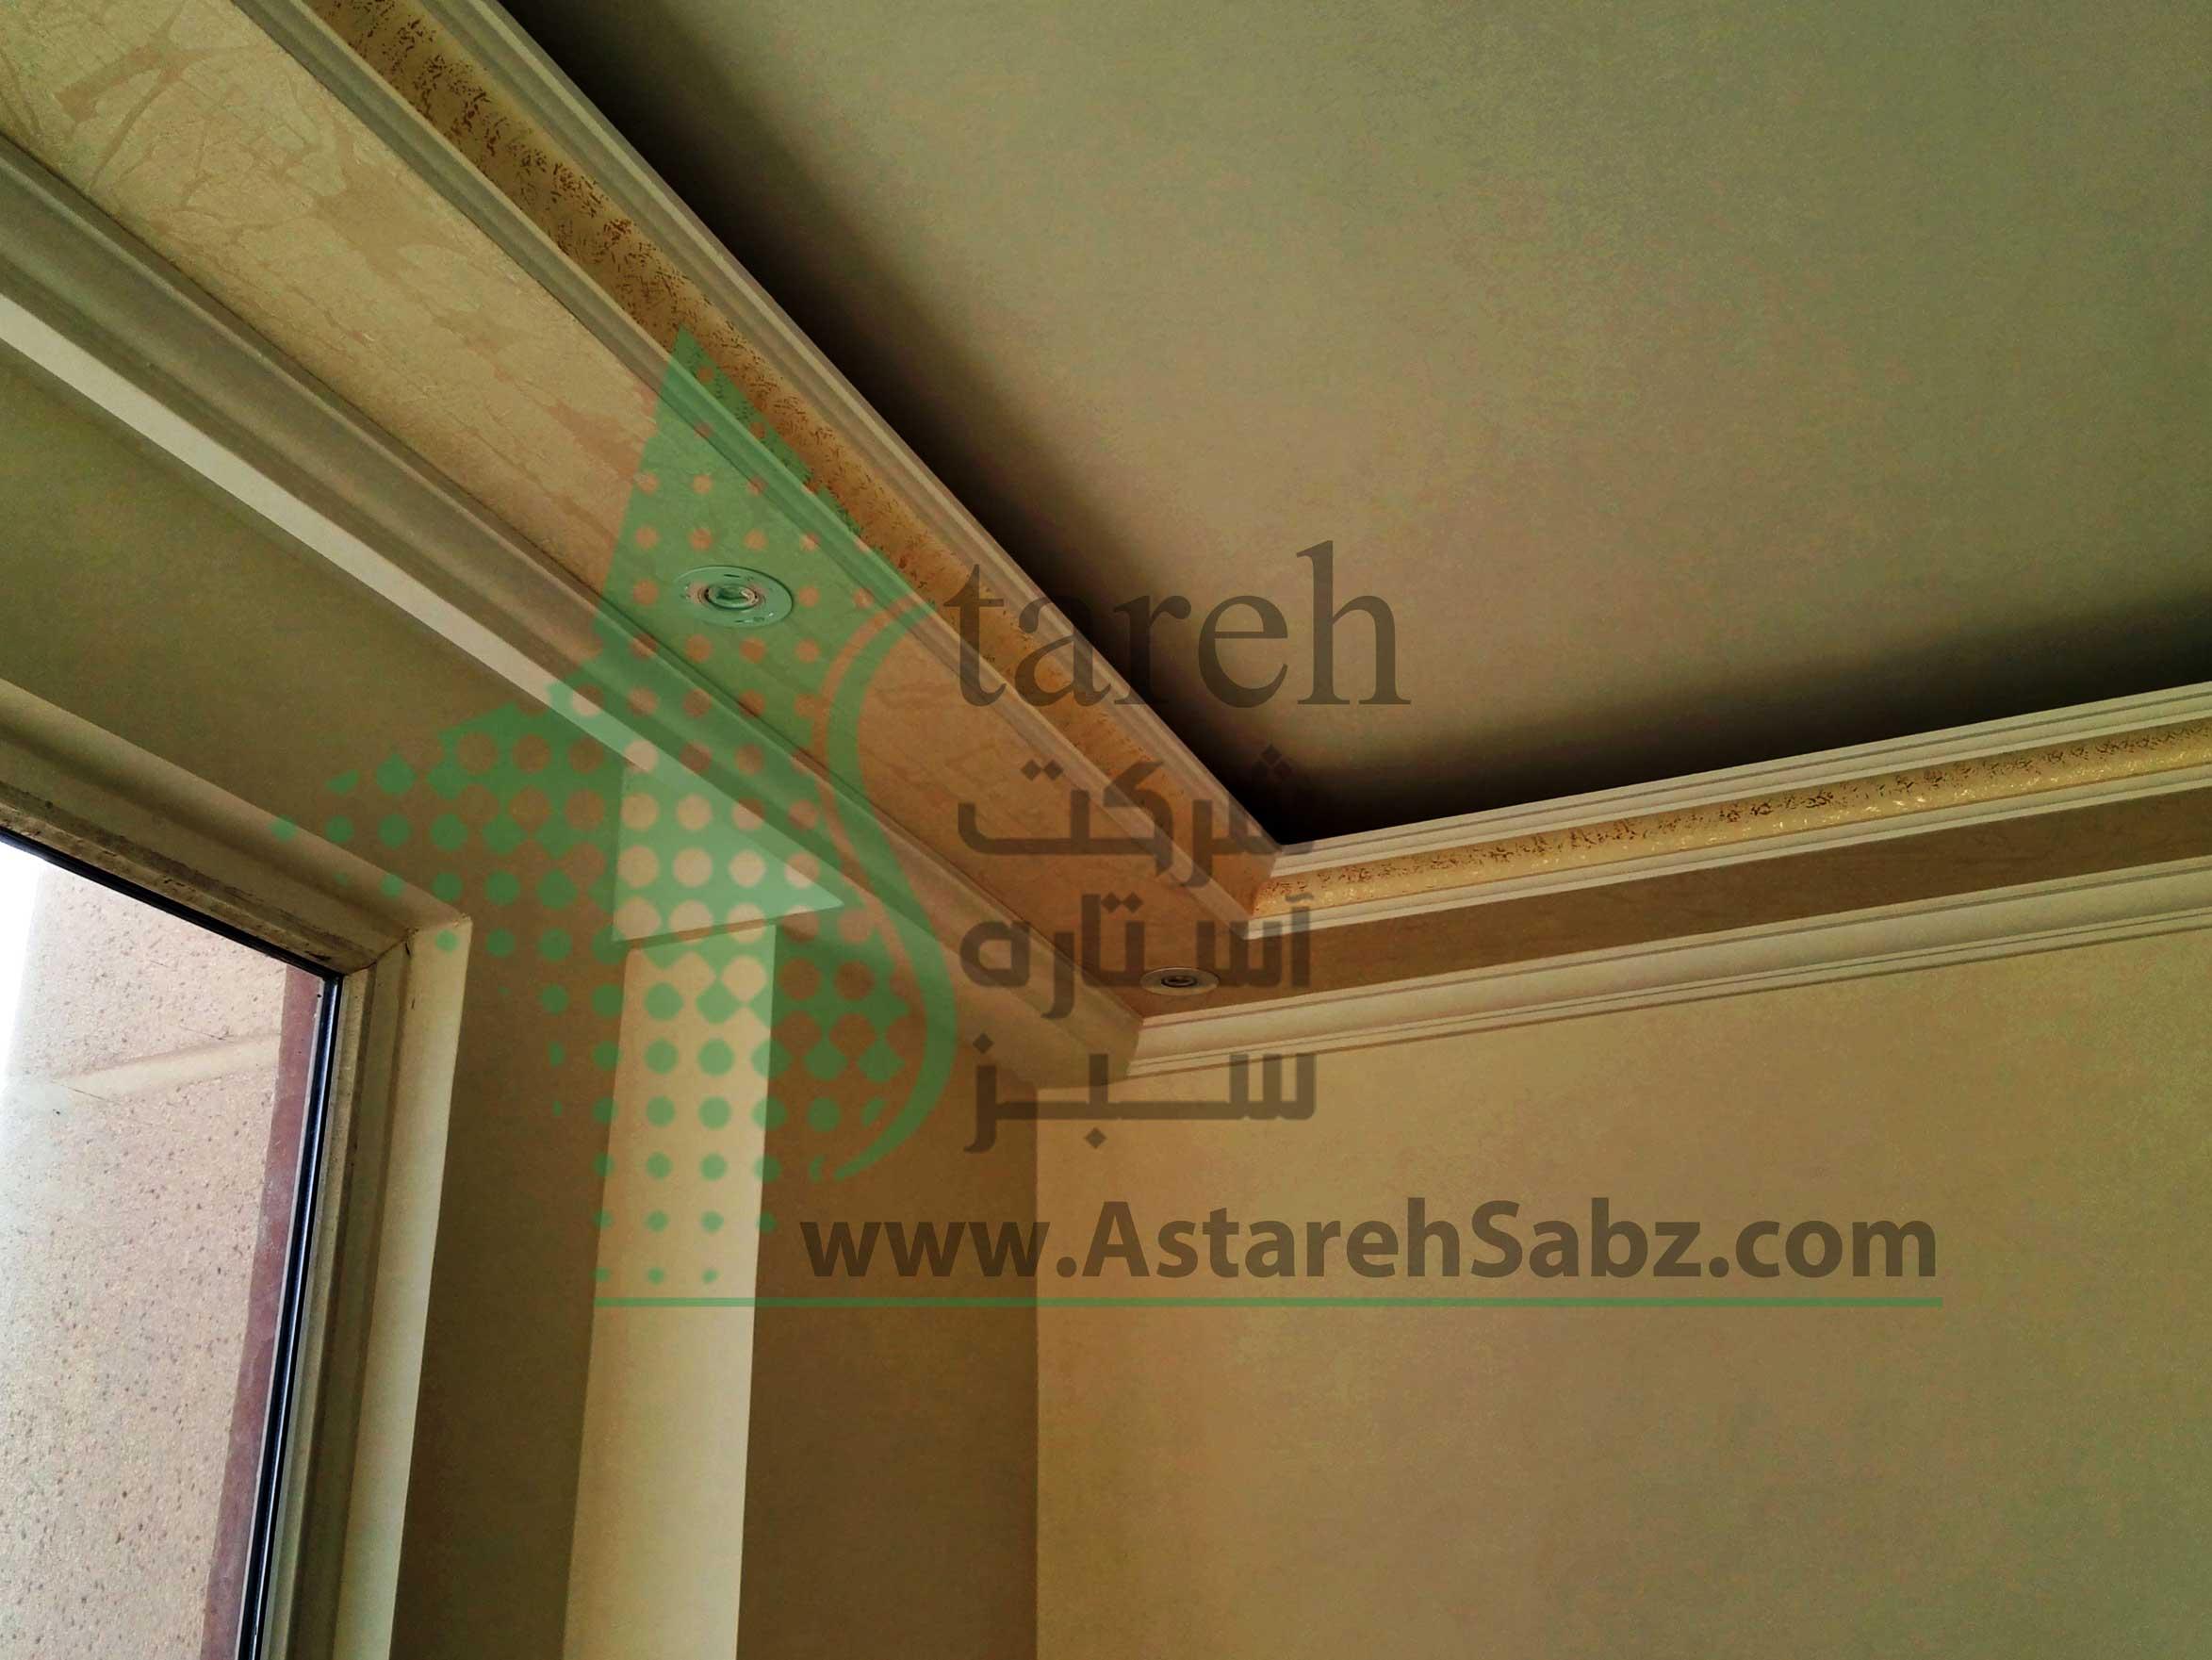 (Astareh Sabz (239